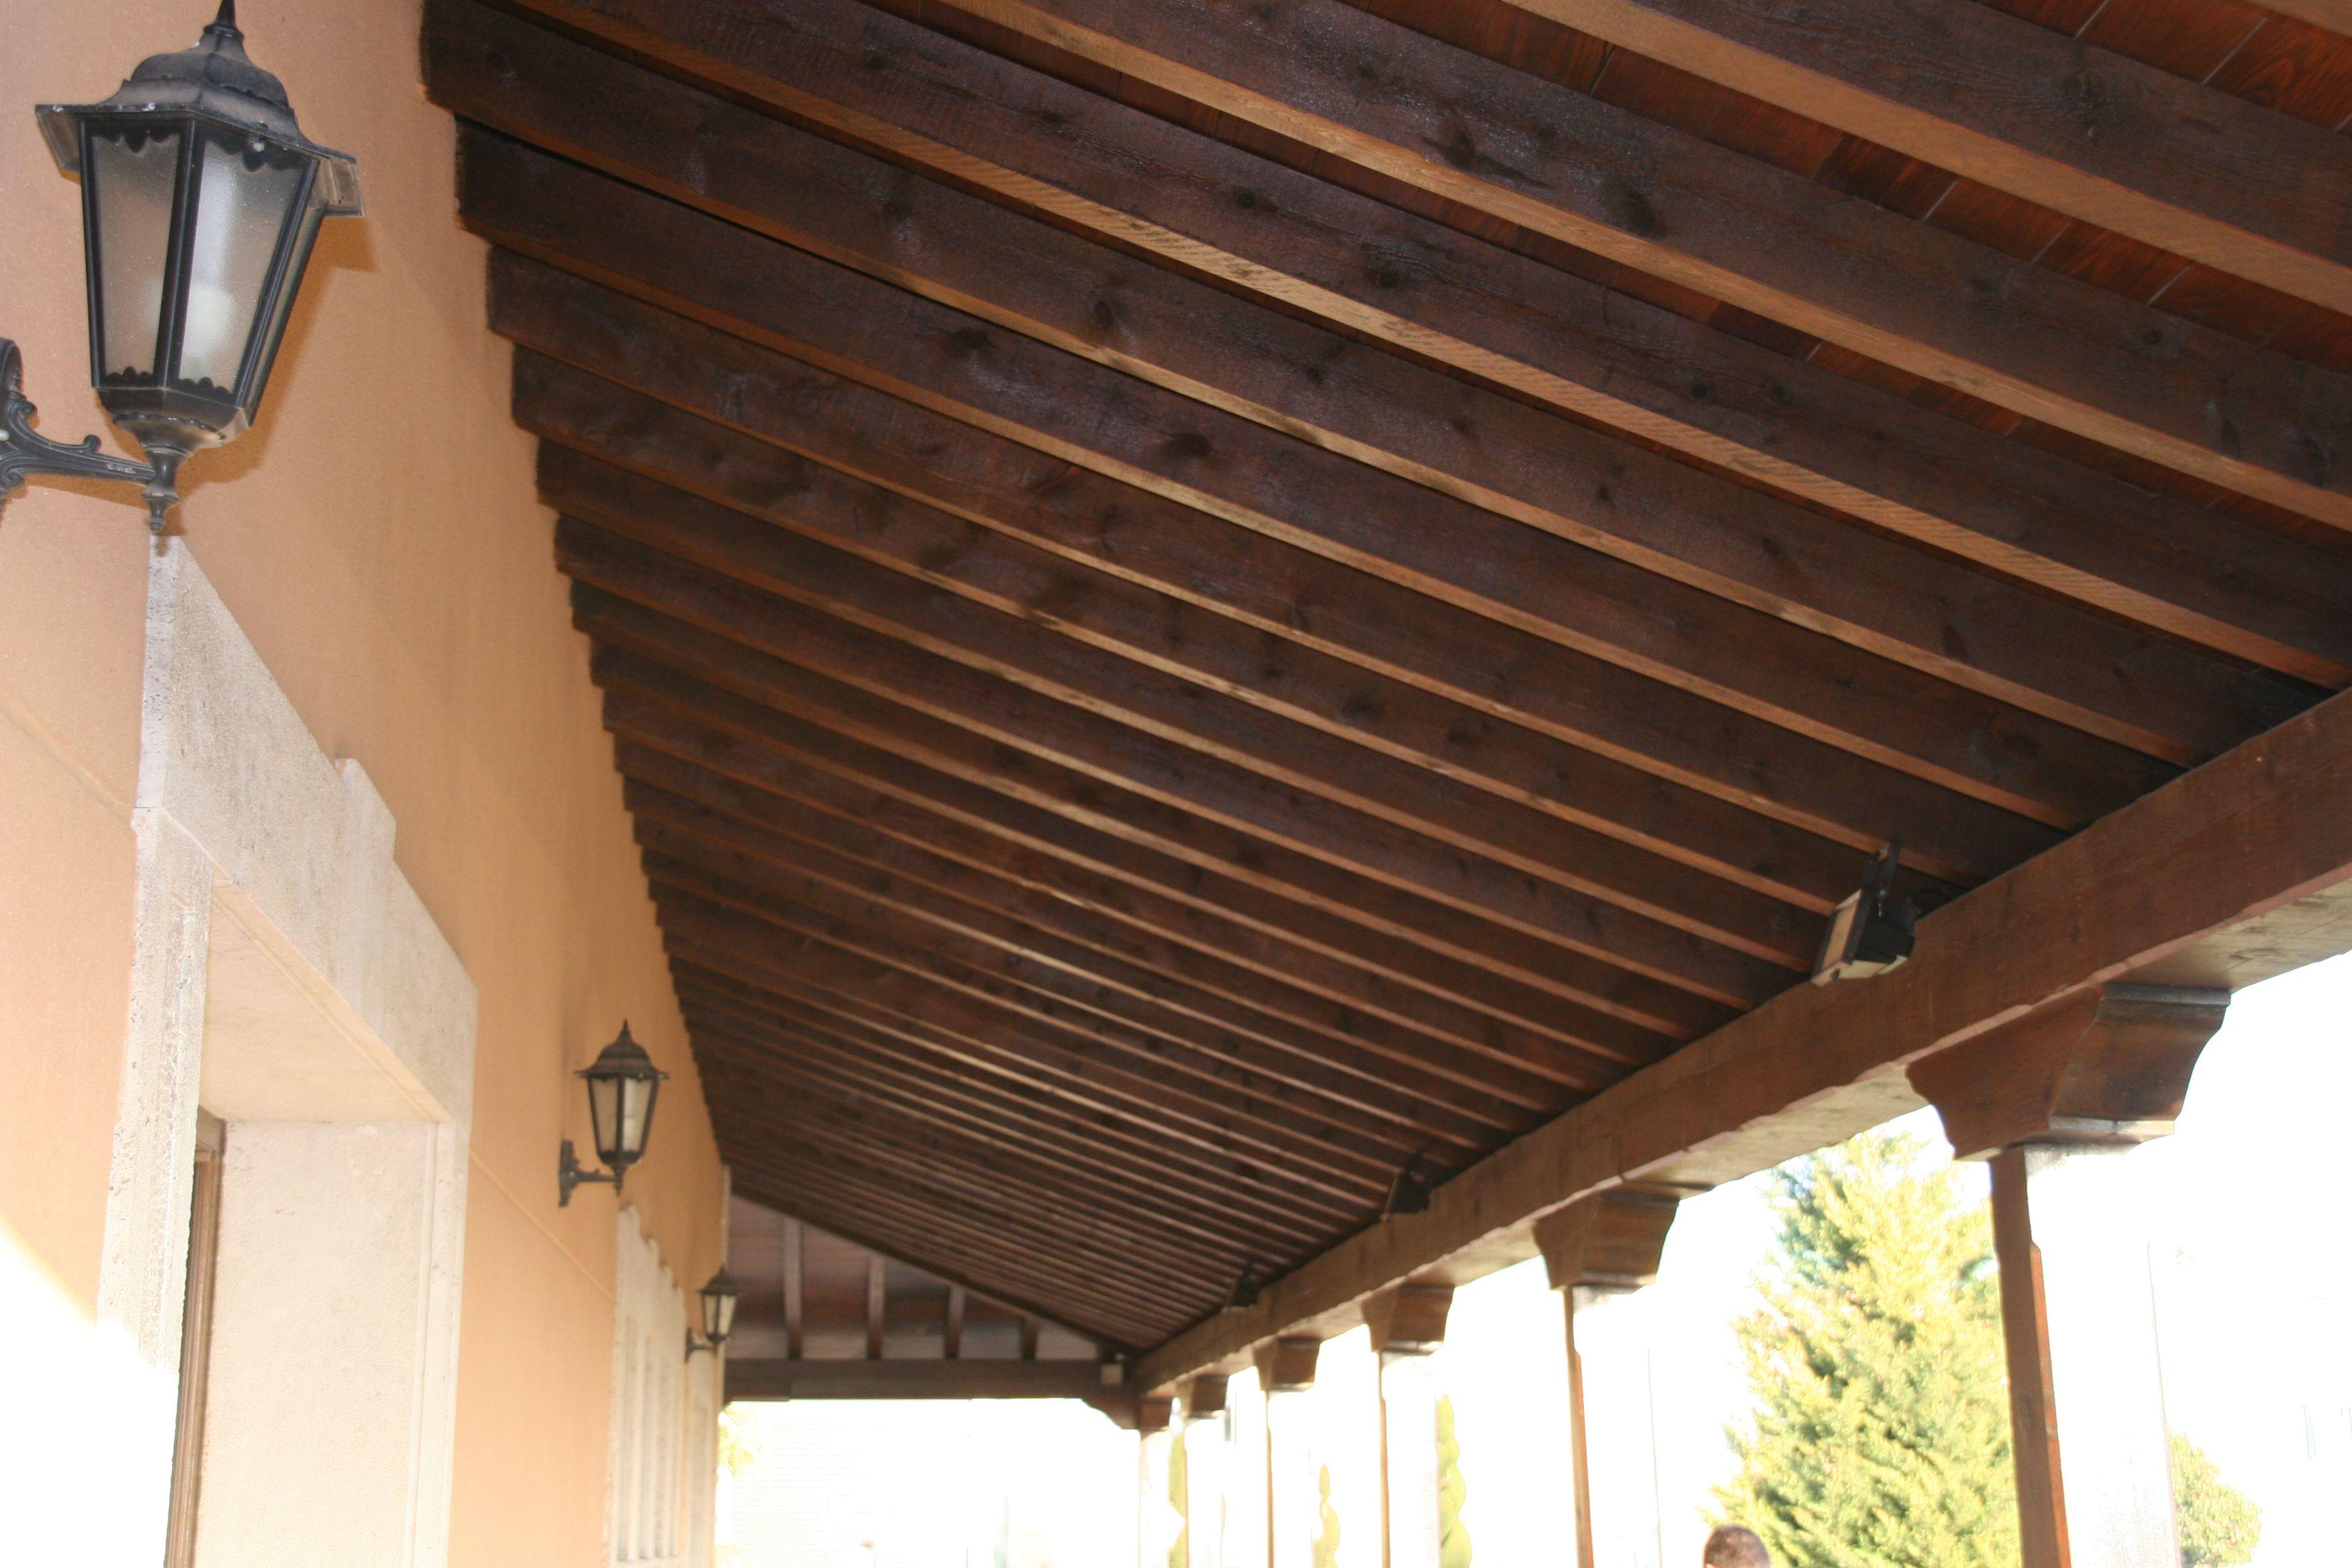 Escaleras, armarios, vestidores, muebles y techos de madera